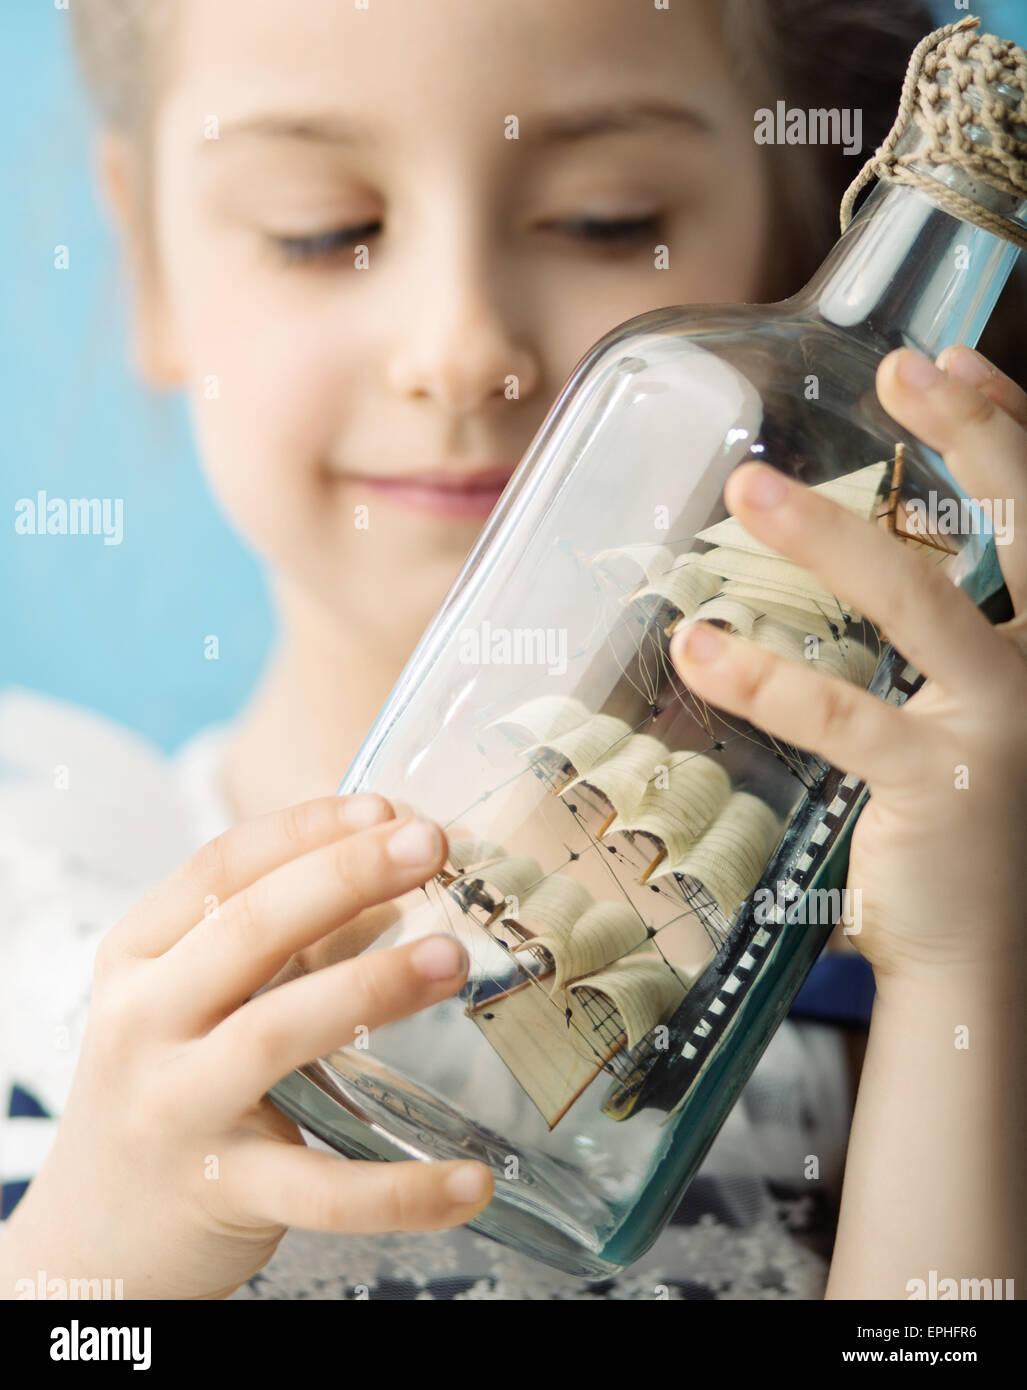 Chica sujetando un barco de juguete en la botella Imagen De Stock